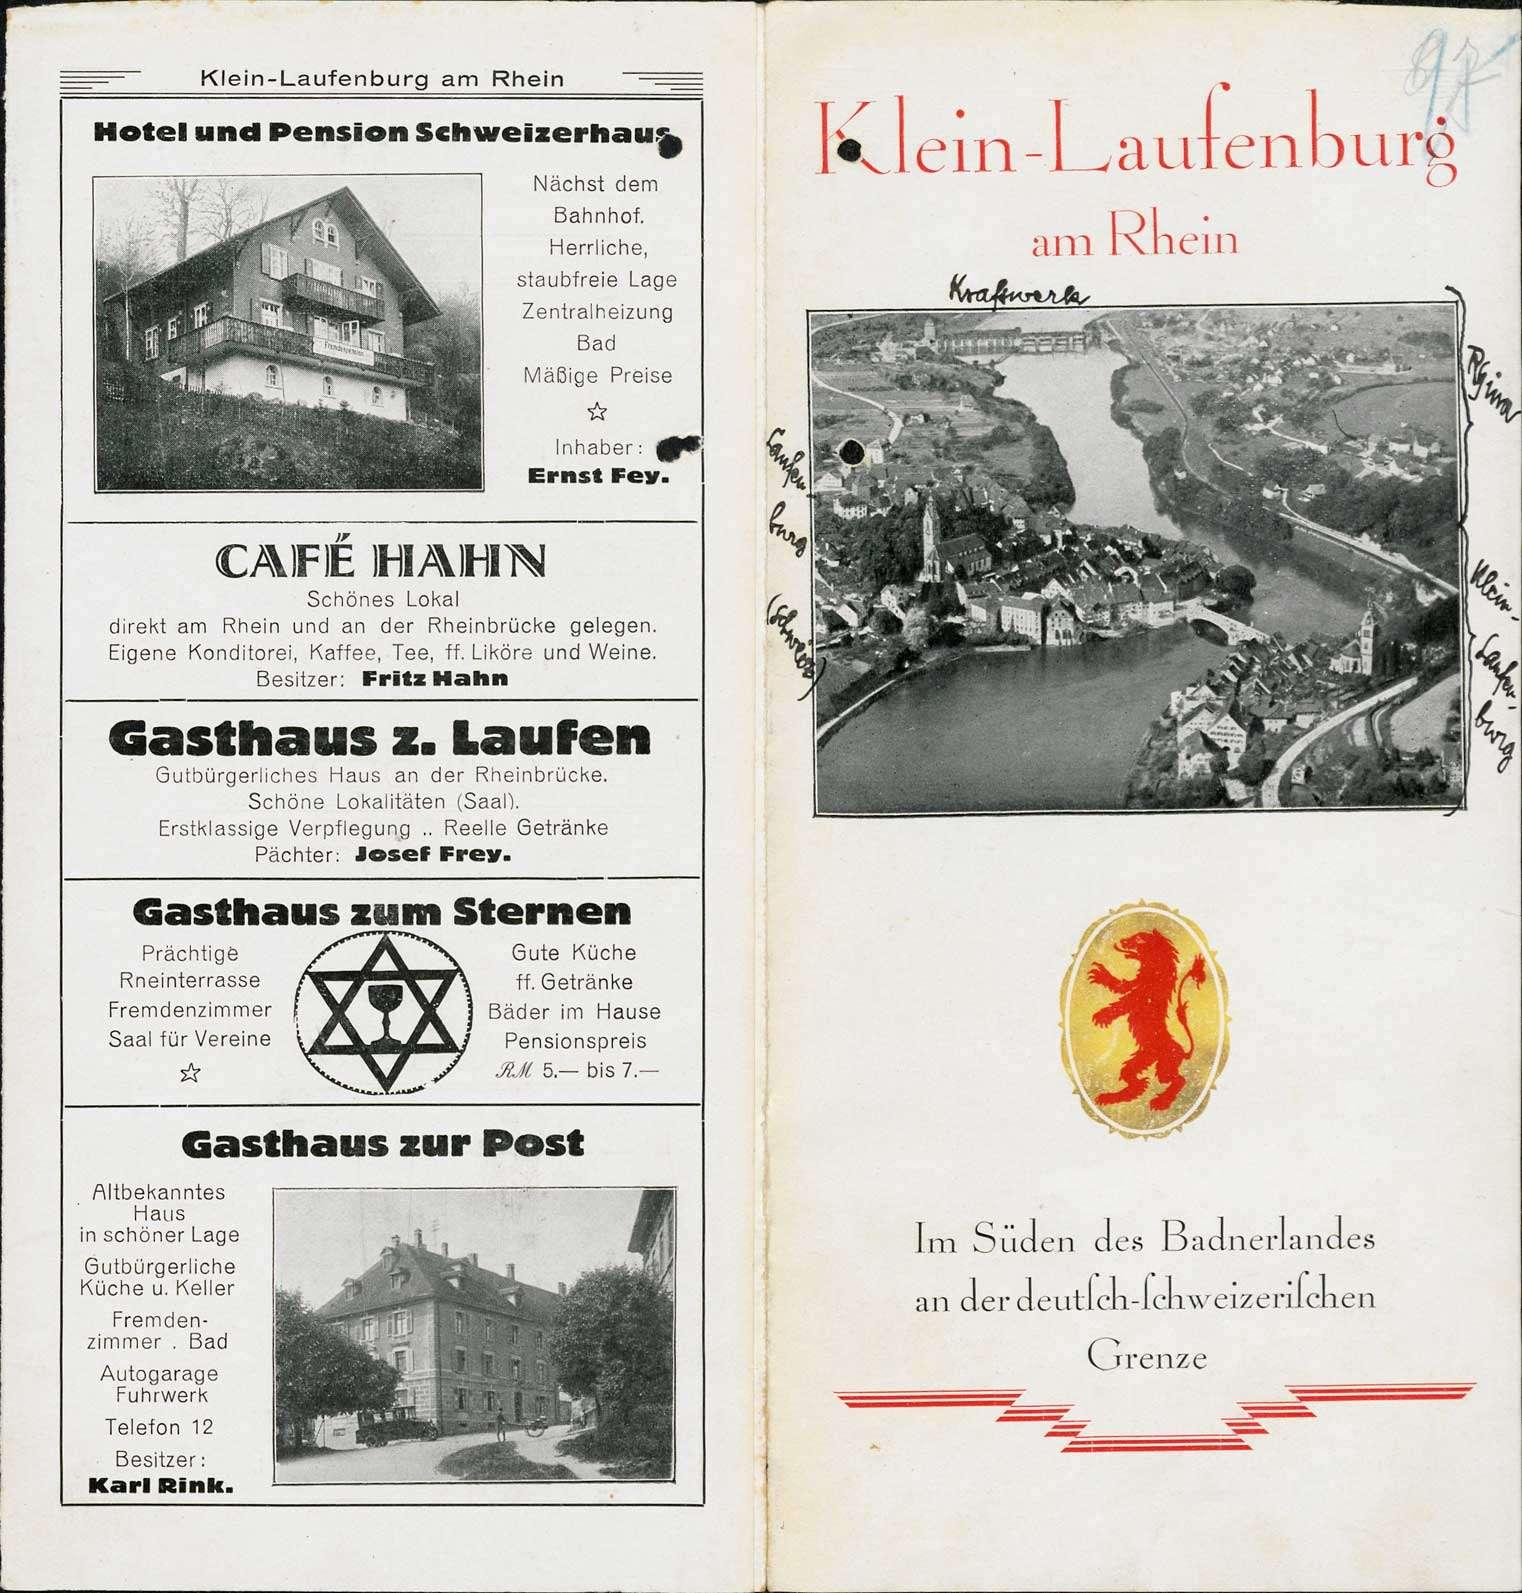 Vereinigung der Gemeinde Rhina mit der Stadt Kleinlaufenburg bzw. Laufenburg (Baden), Bild 1